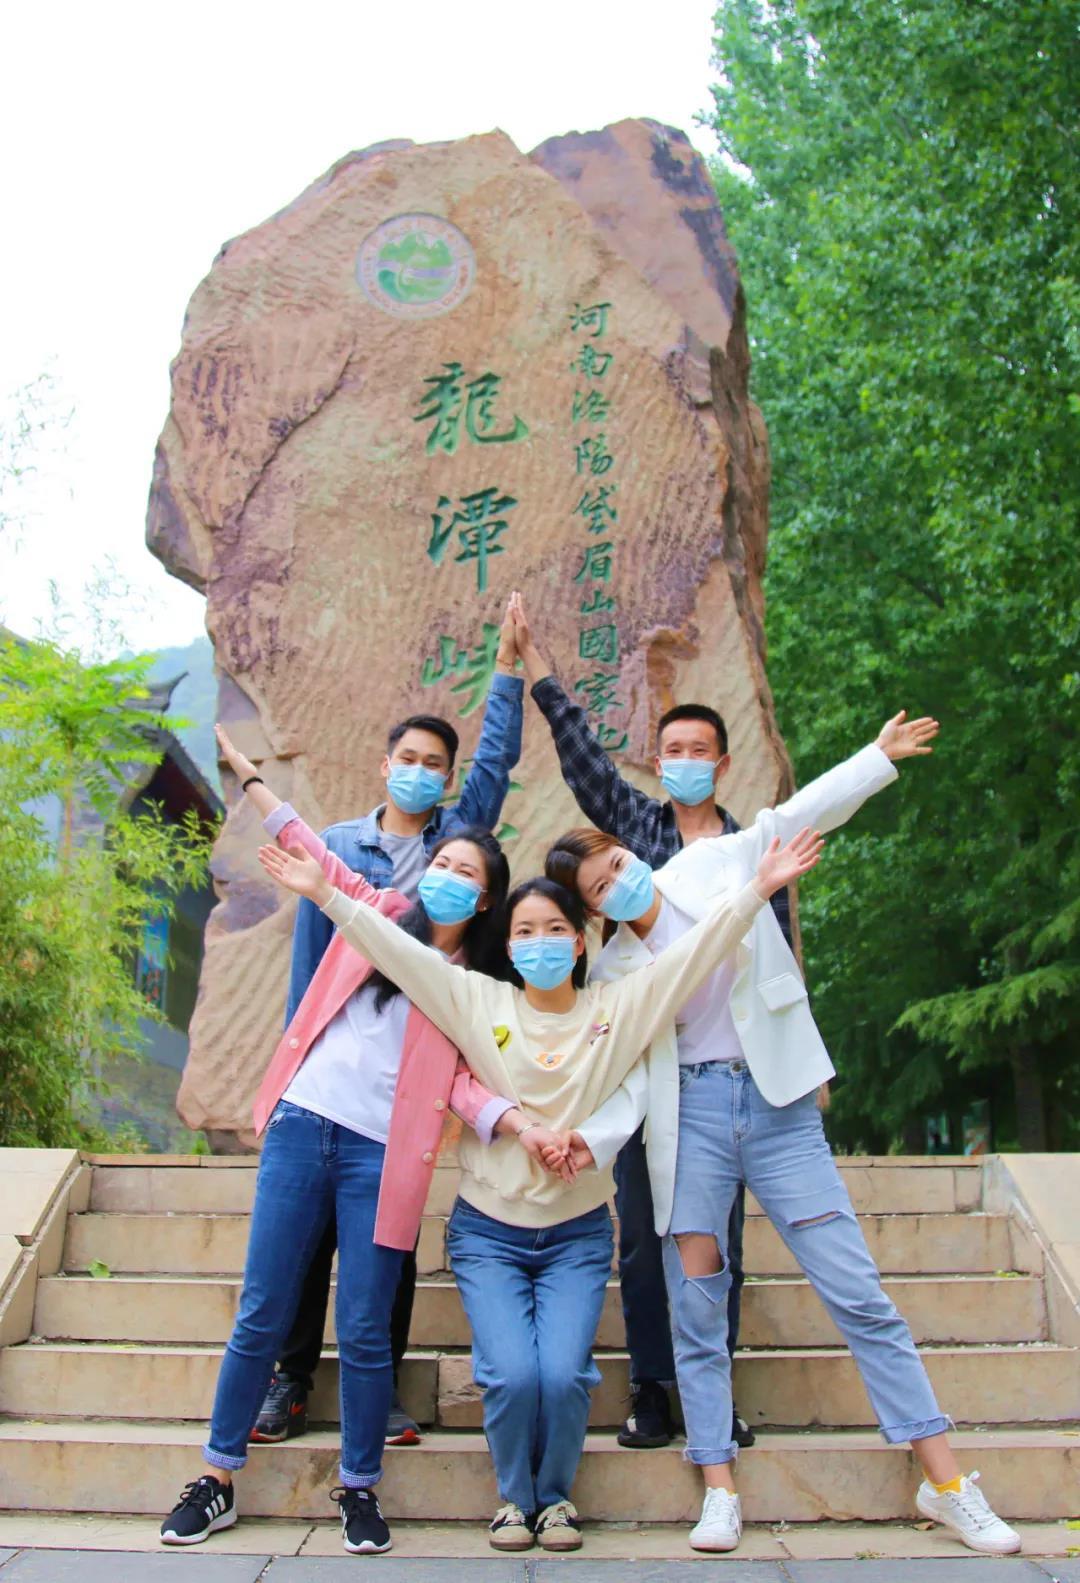 毕业狂欢季 青春不散场, 龙潭大峡谷邀你免费游!